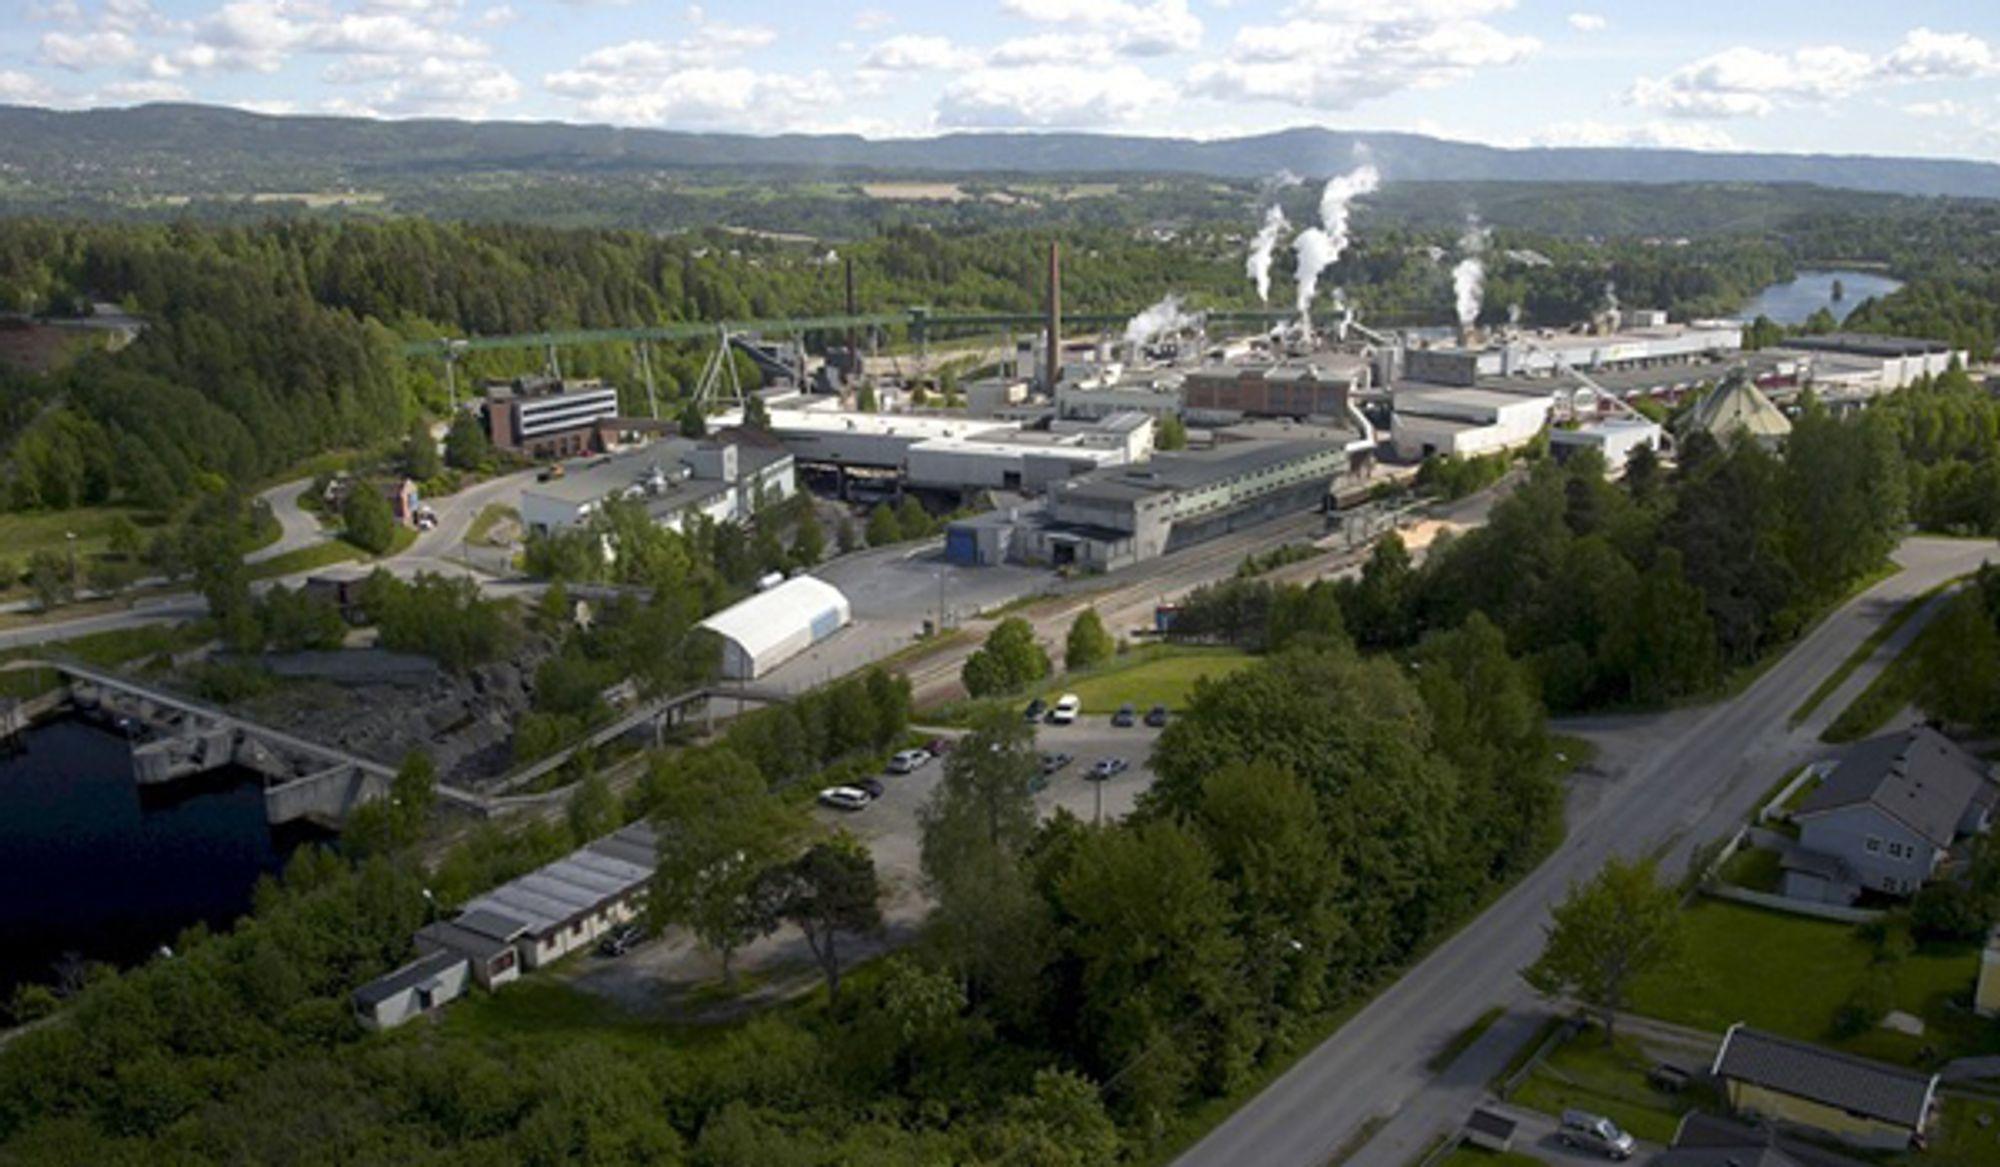 DROPPER BIODIESEL: Norske Skog på Follum skulle bli drivstoffleverandør gjennom biodieselselskapet Xynergo. Nå legges selskapet ned fordi ingen vil investere penger i et så usikkert marked.